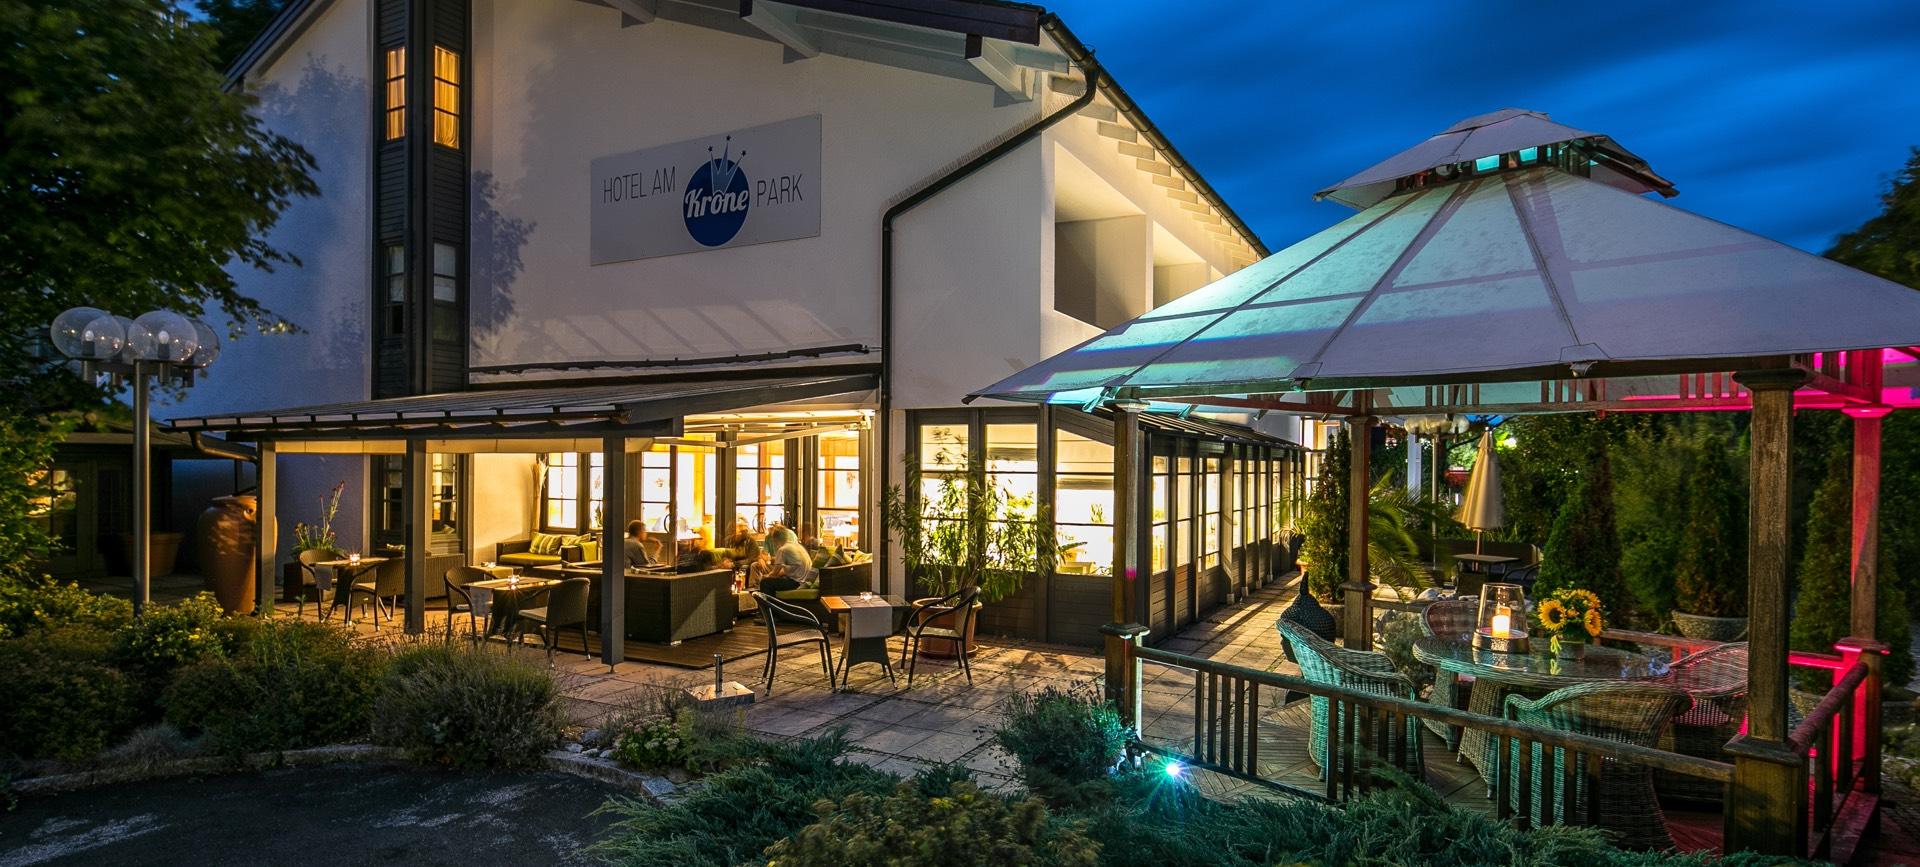 Hotel Am Krone Park Aussenansicht Biergarten